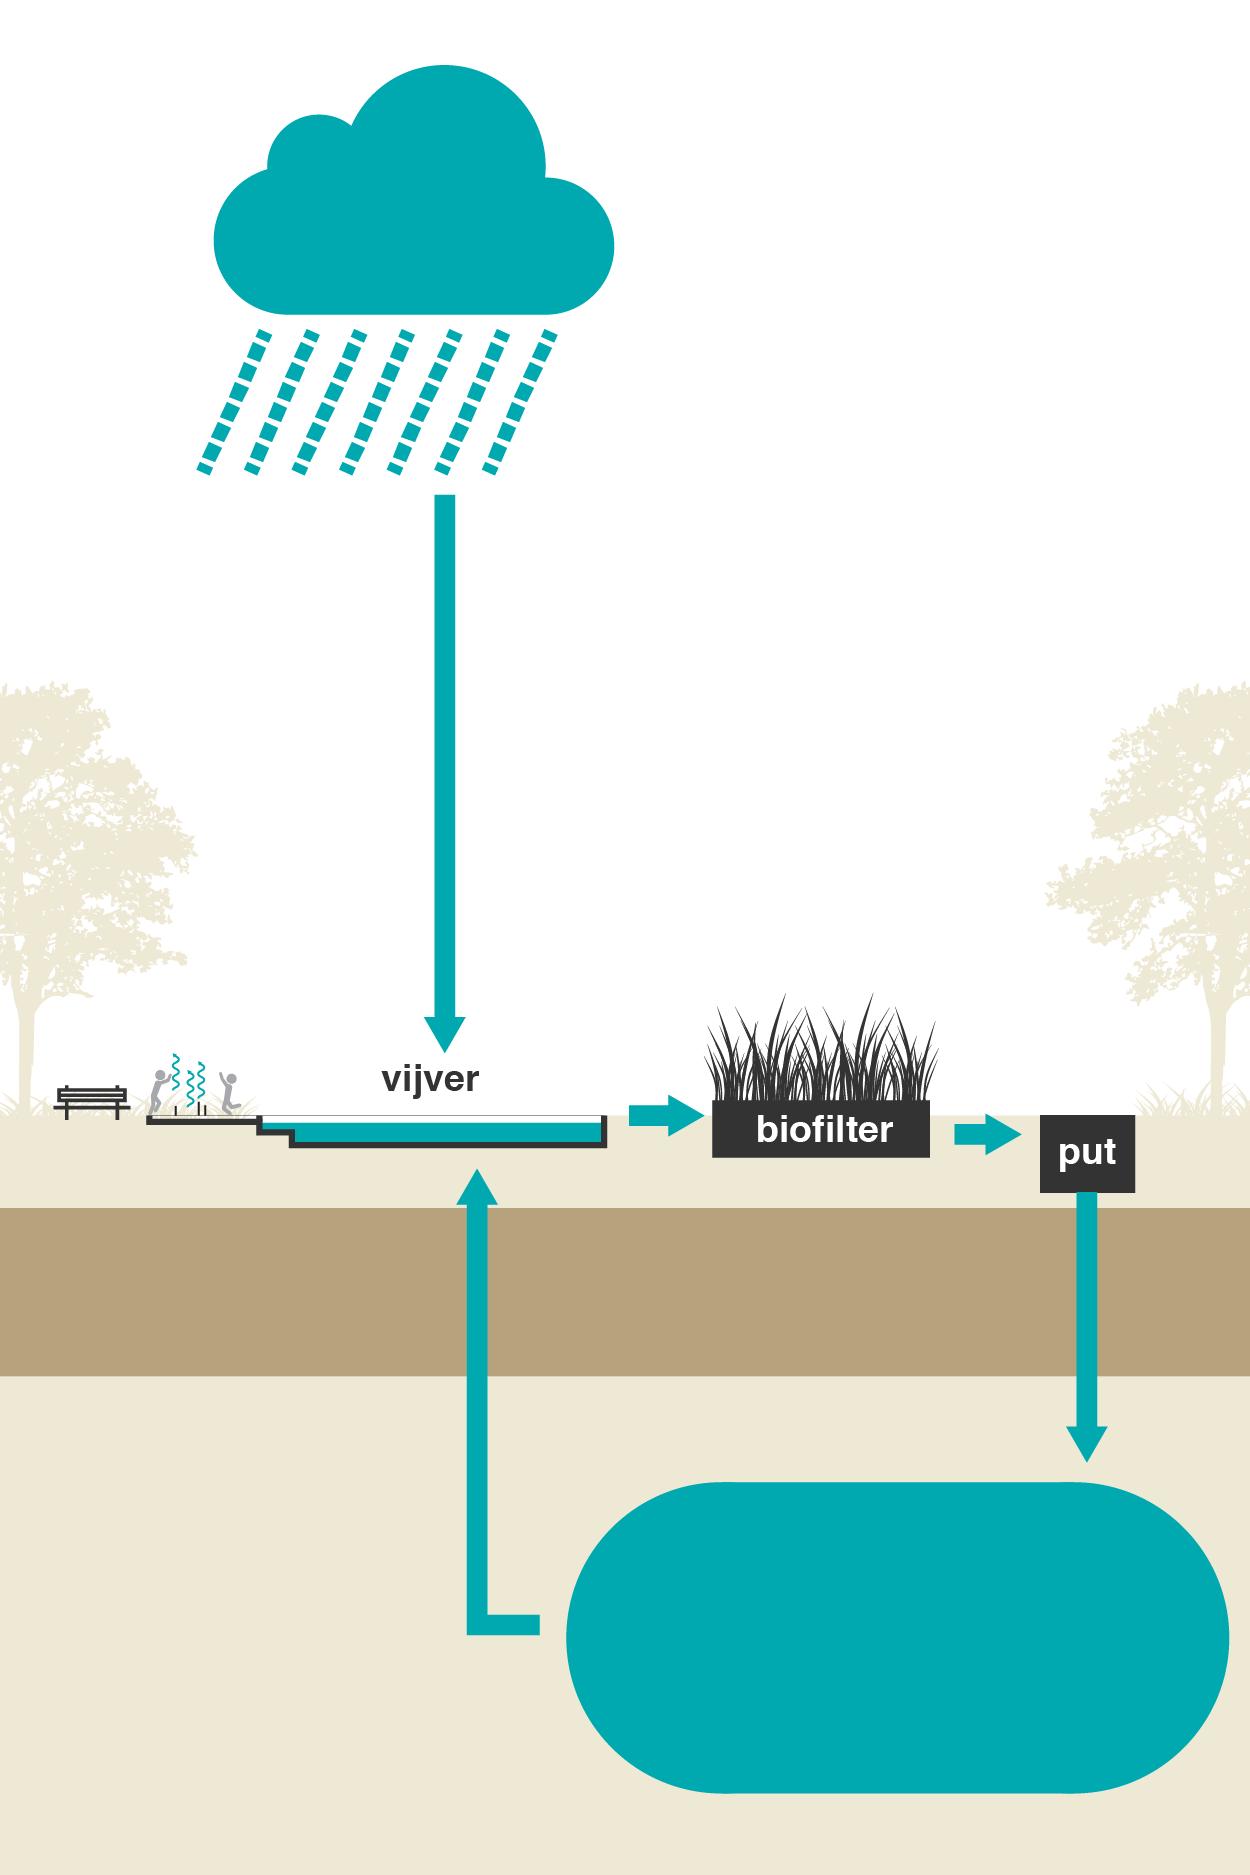 Altijd een groen park en schone vijvers - Systeemcomponenten: biofilter en installaties + add-ons.Bluebloqs reguleert de gewenste irrigatie in parken en groenstroken, het waterniveau en de waterkwaliteit in vijvers en fonteinen.Met ons systeem kunnen groenstroken en vijvers dienen als tijdelijke opslag voor regenwater tijdens hevige neerslag. Het opgevangen water wordt gezuiverd en kan worden gebruikt om het waterniveau op peil te houden, en parken groen en vijvers gezond te houden.